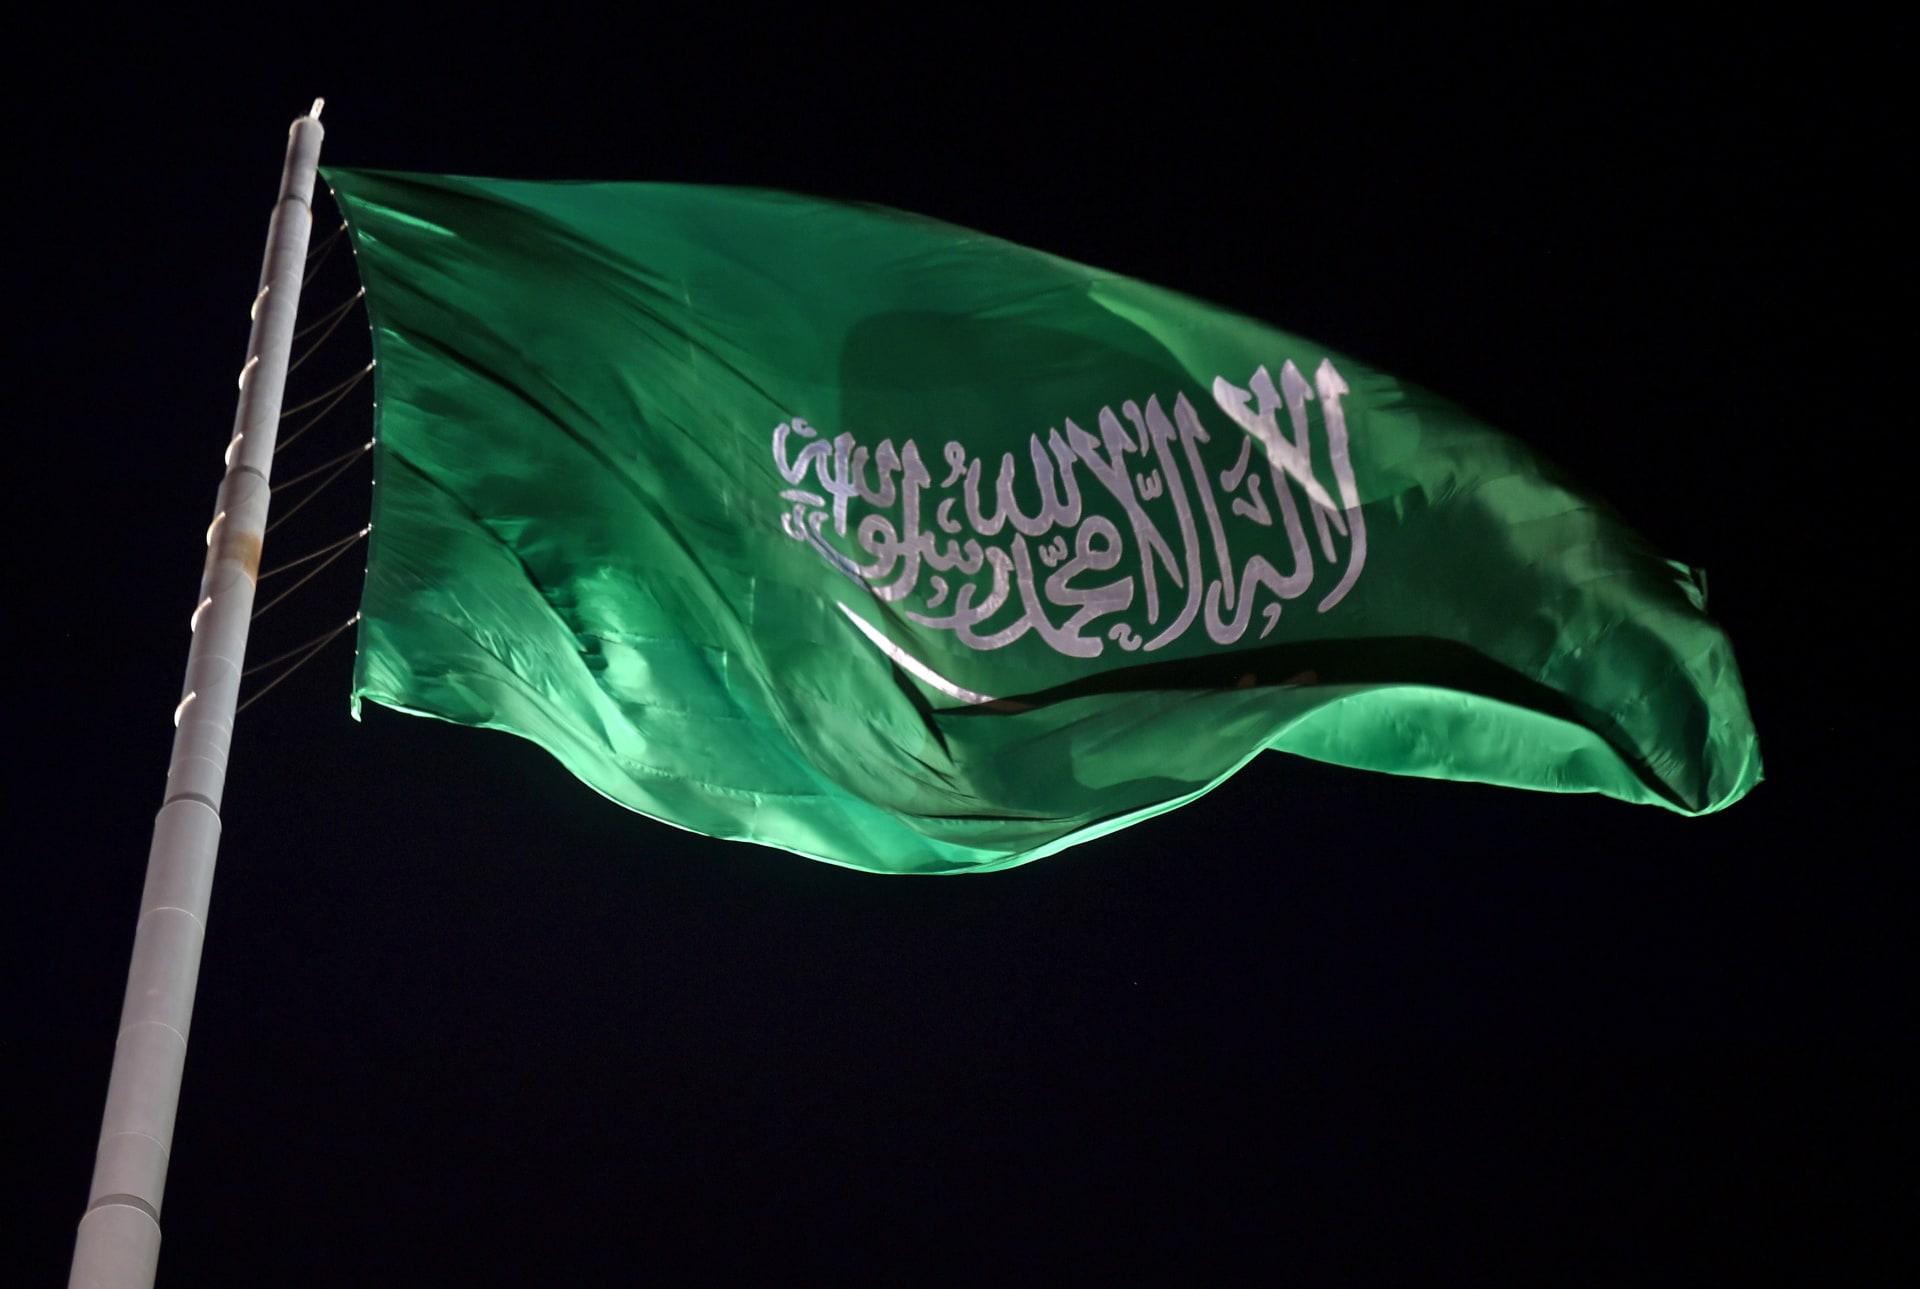 """إعلامي سعودي يدعو لدعم الزراعة المحلية: """"تغنينا عن استيراد ما يمكن حشوه بالكبتاعون"""""""